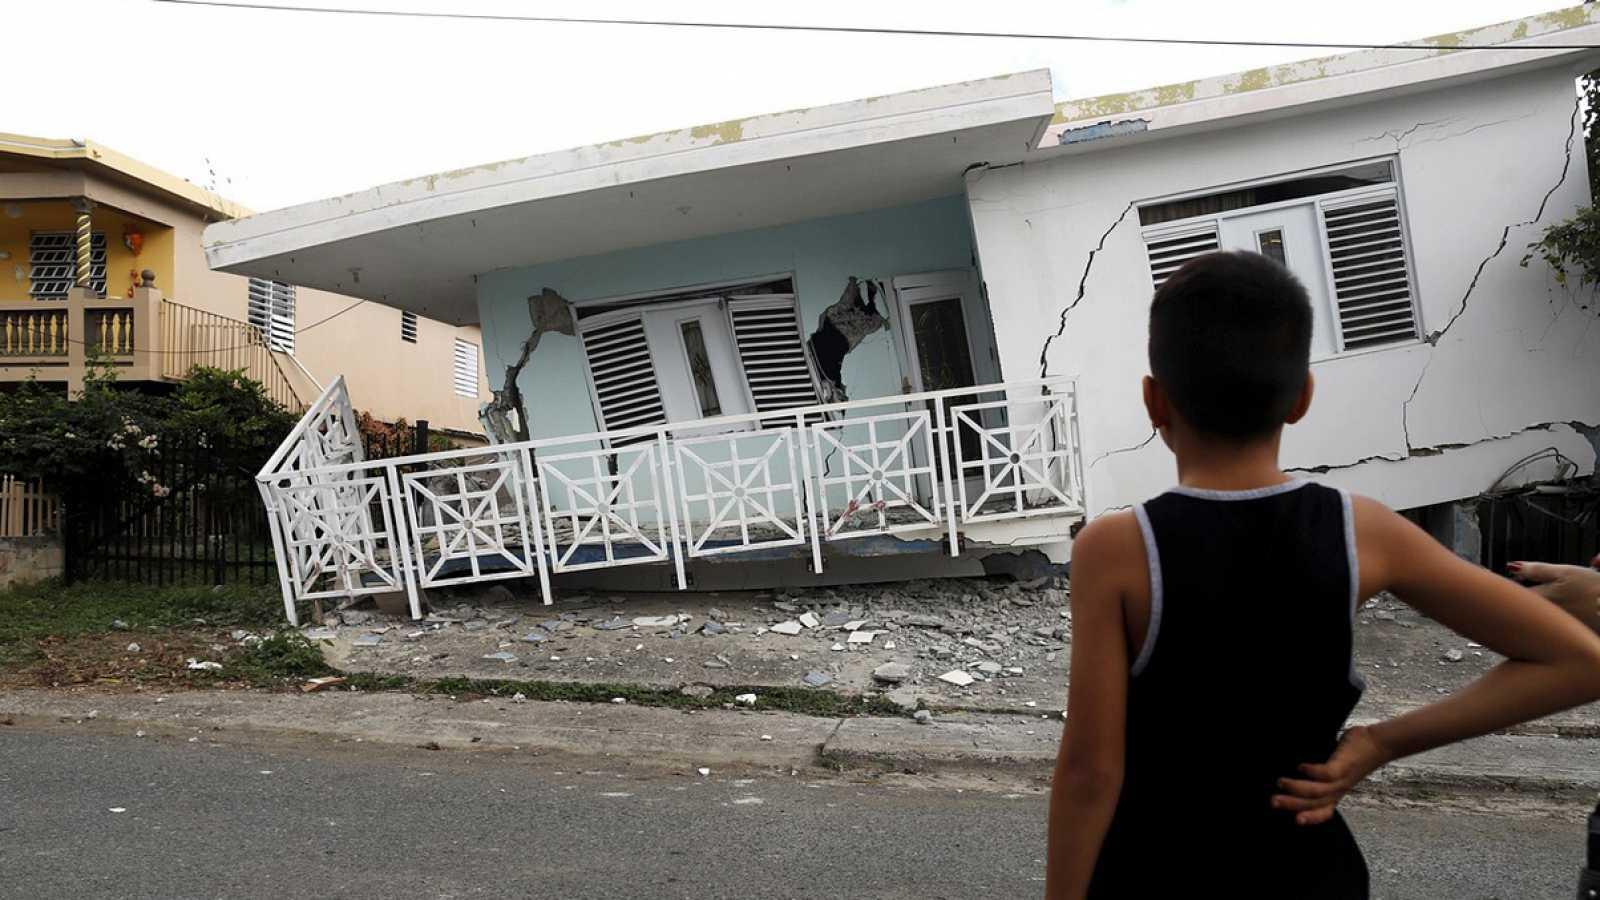 Emergencia en Puerto Rico tras terremoto